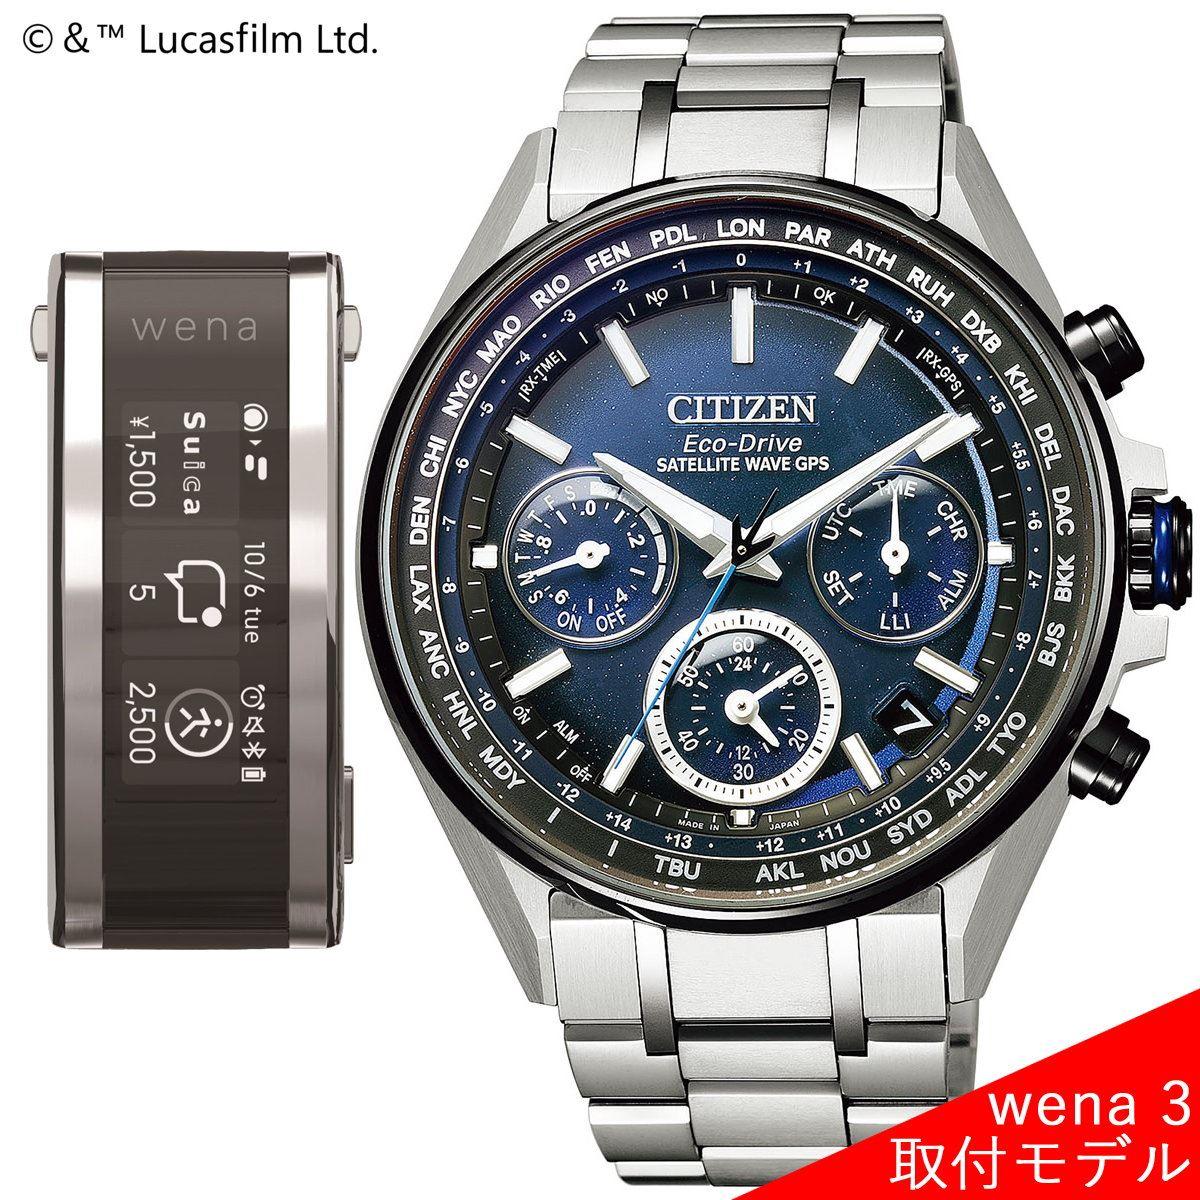 腕時計, メンズ腕時計 35.5wena3 CITIZEN ATTESA GPS F950 STAR WARS CC4005-63L